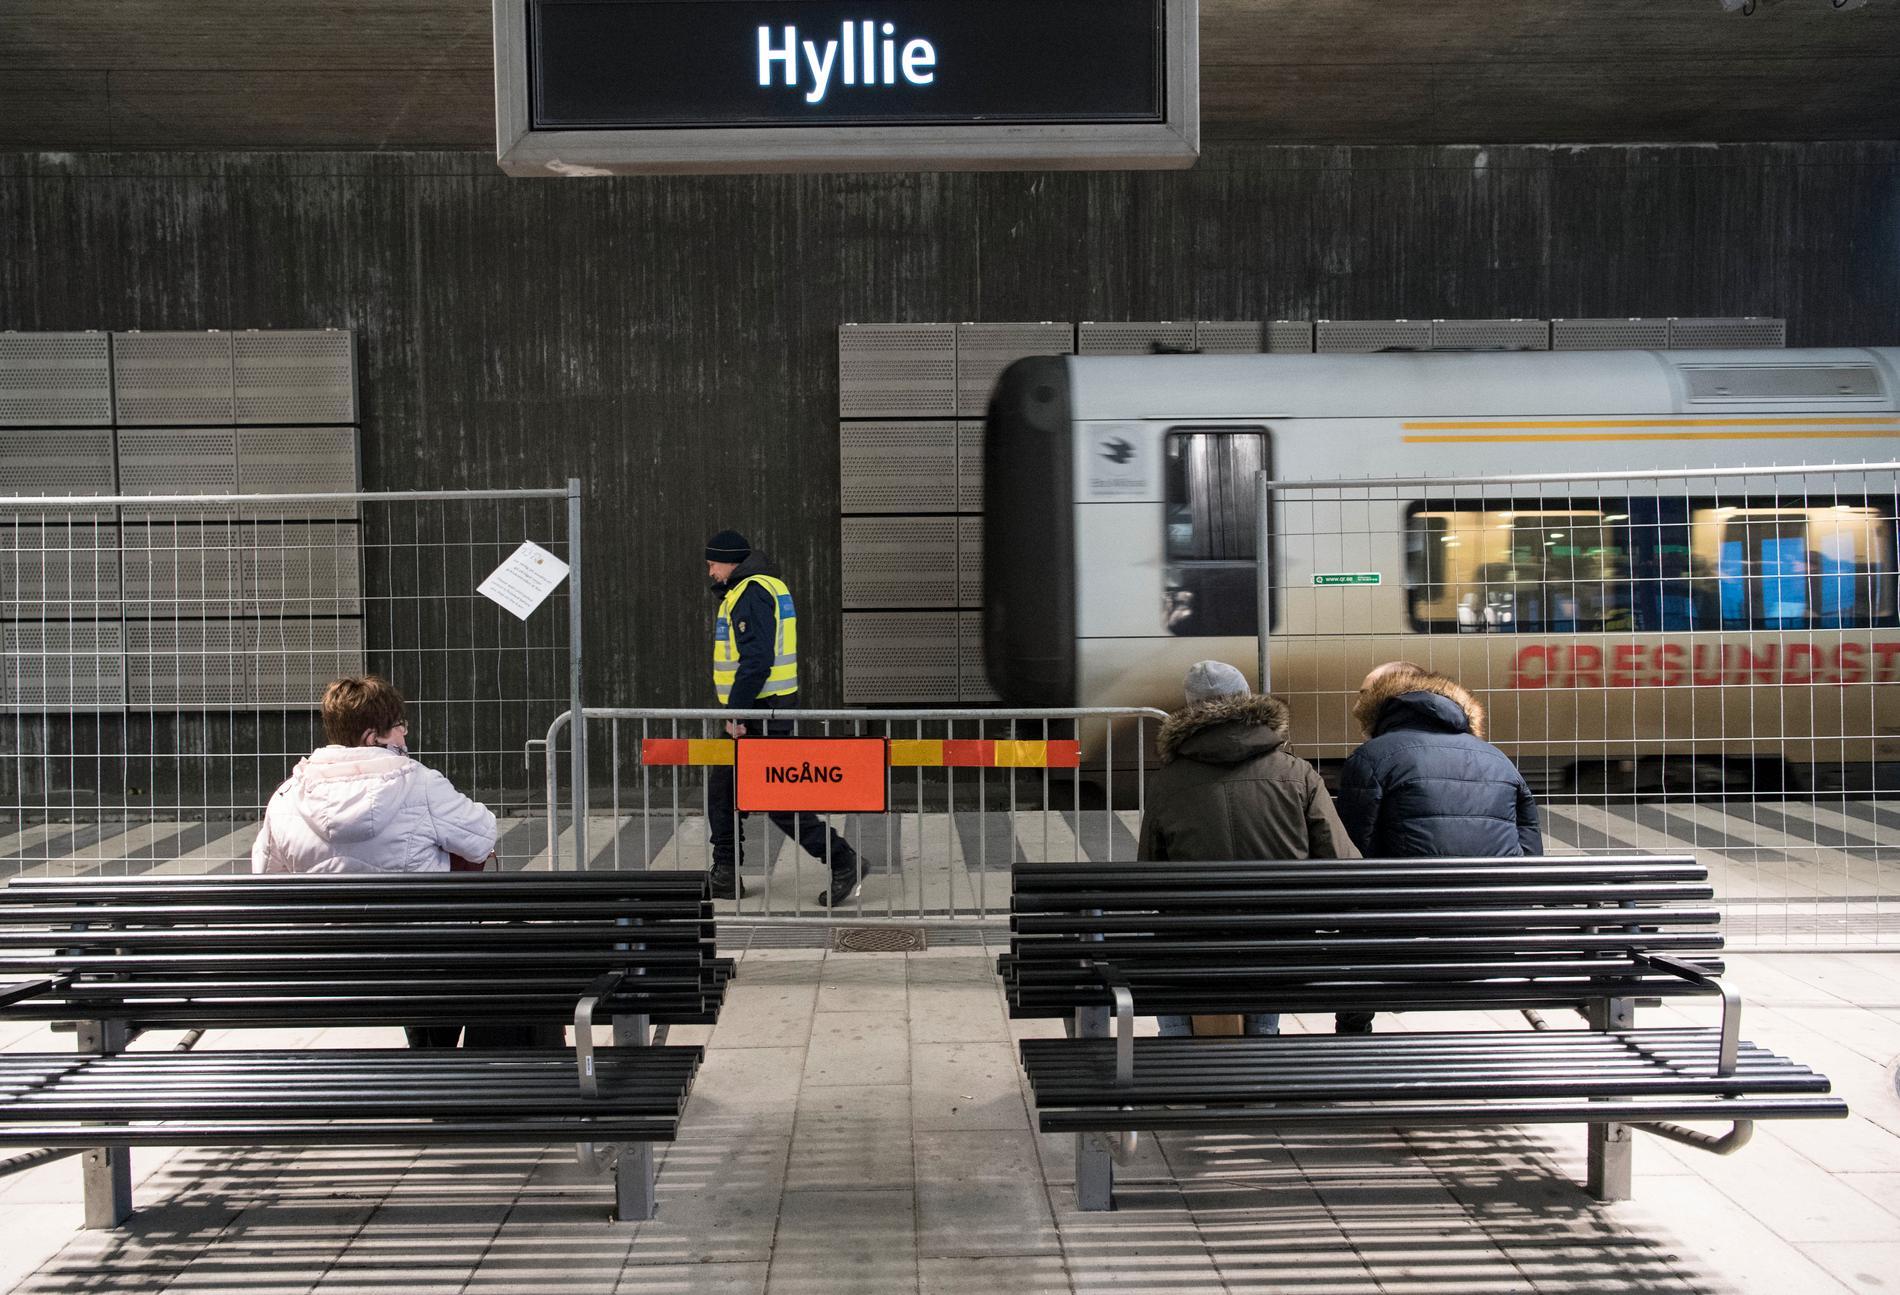 En insats av polisen på tåget i Hyllie har väckt ilska. Arkivbild.